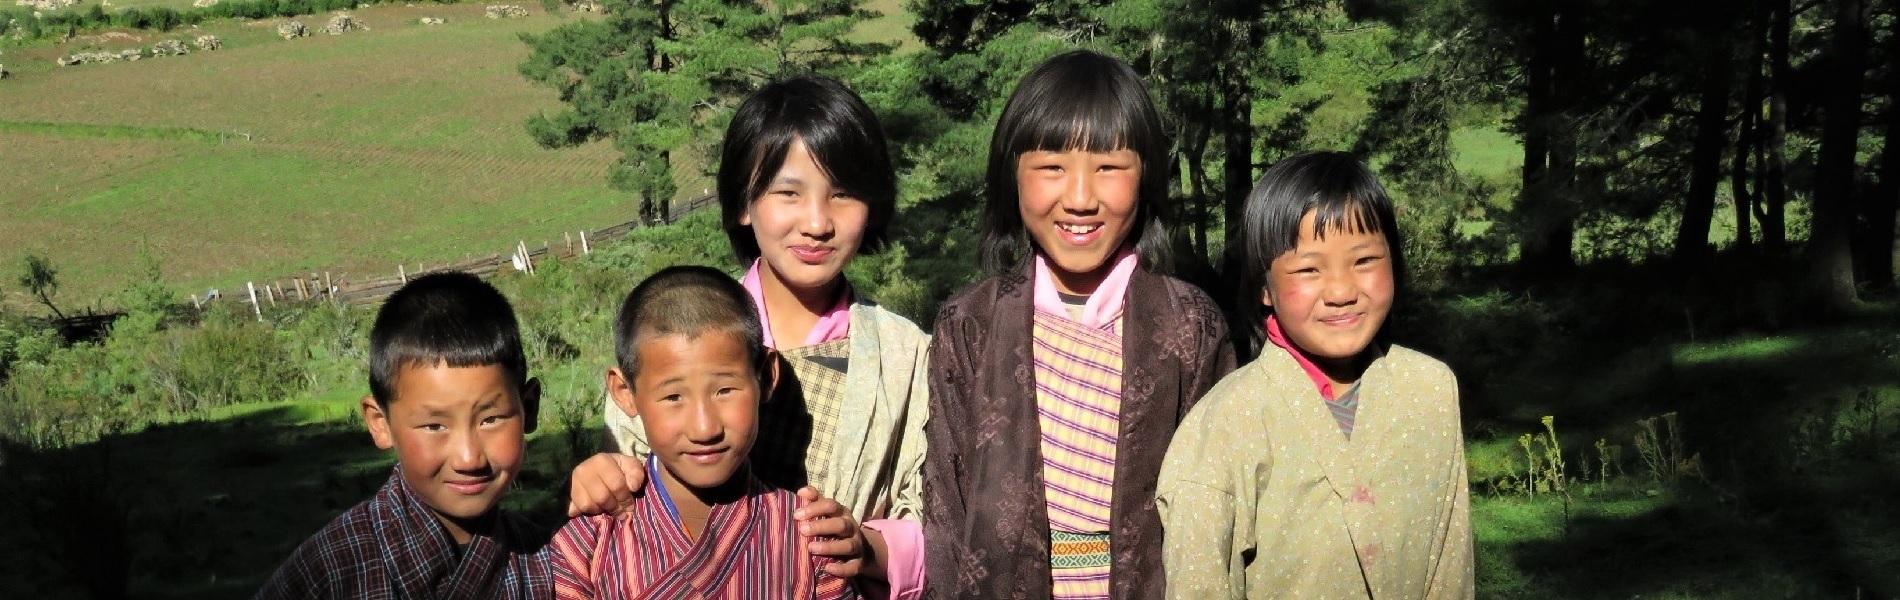 飛んで行きたい幸せの国 ブータン